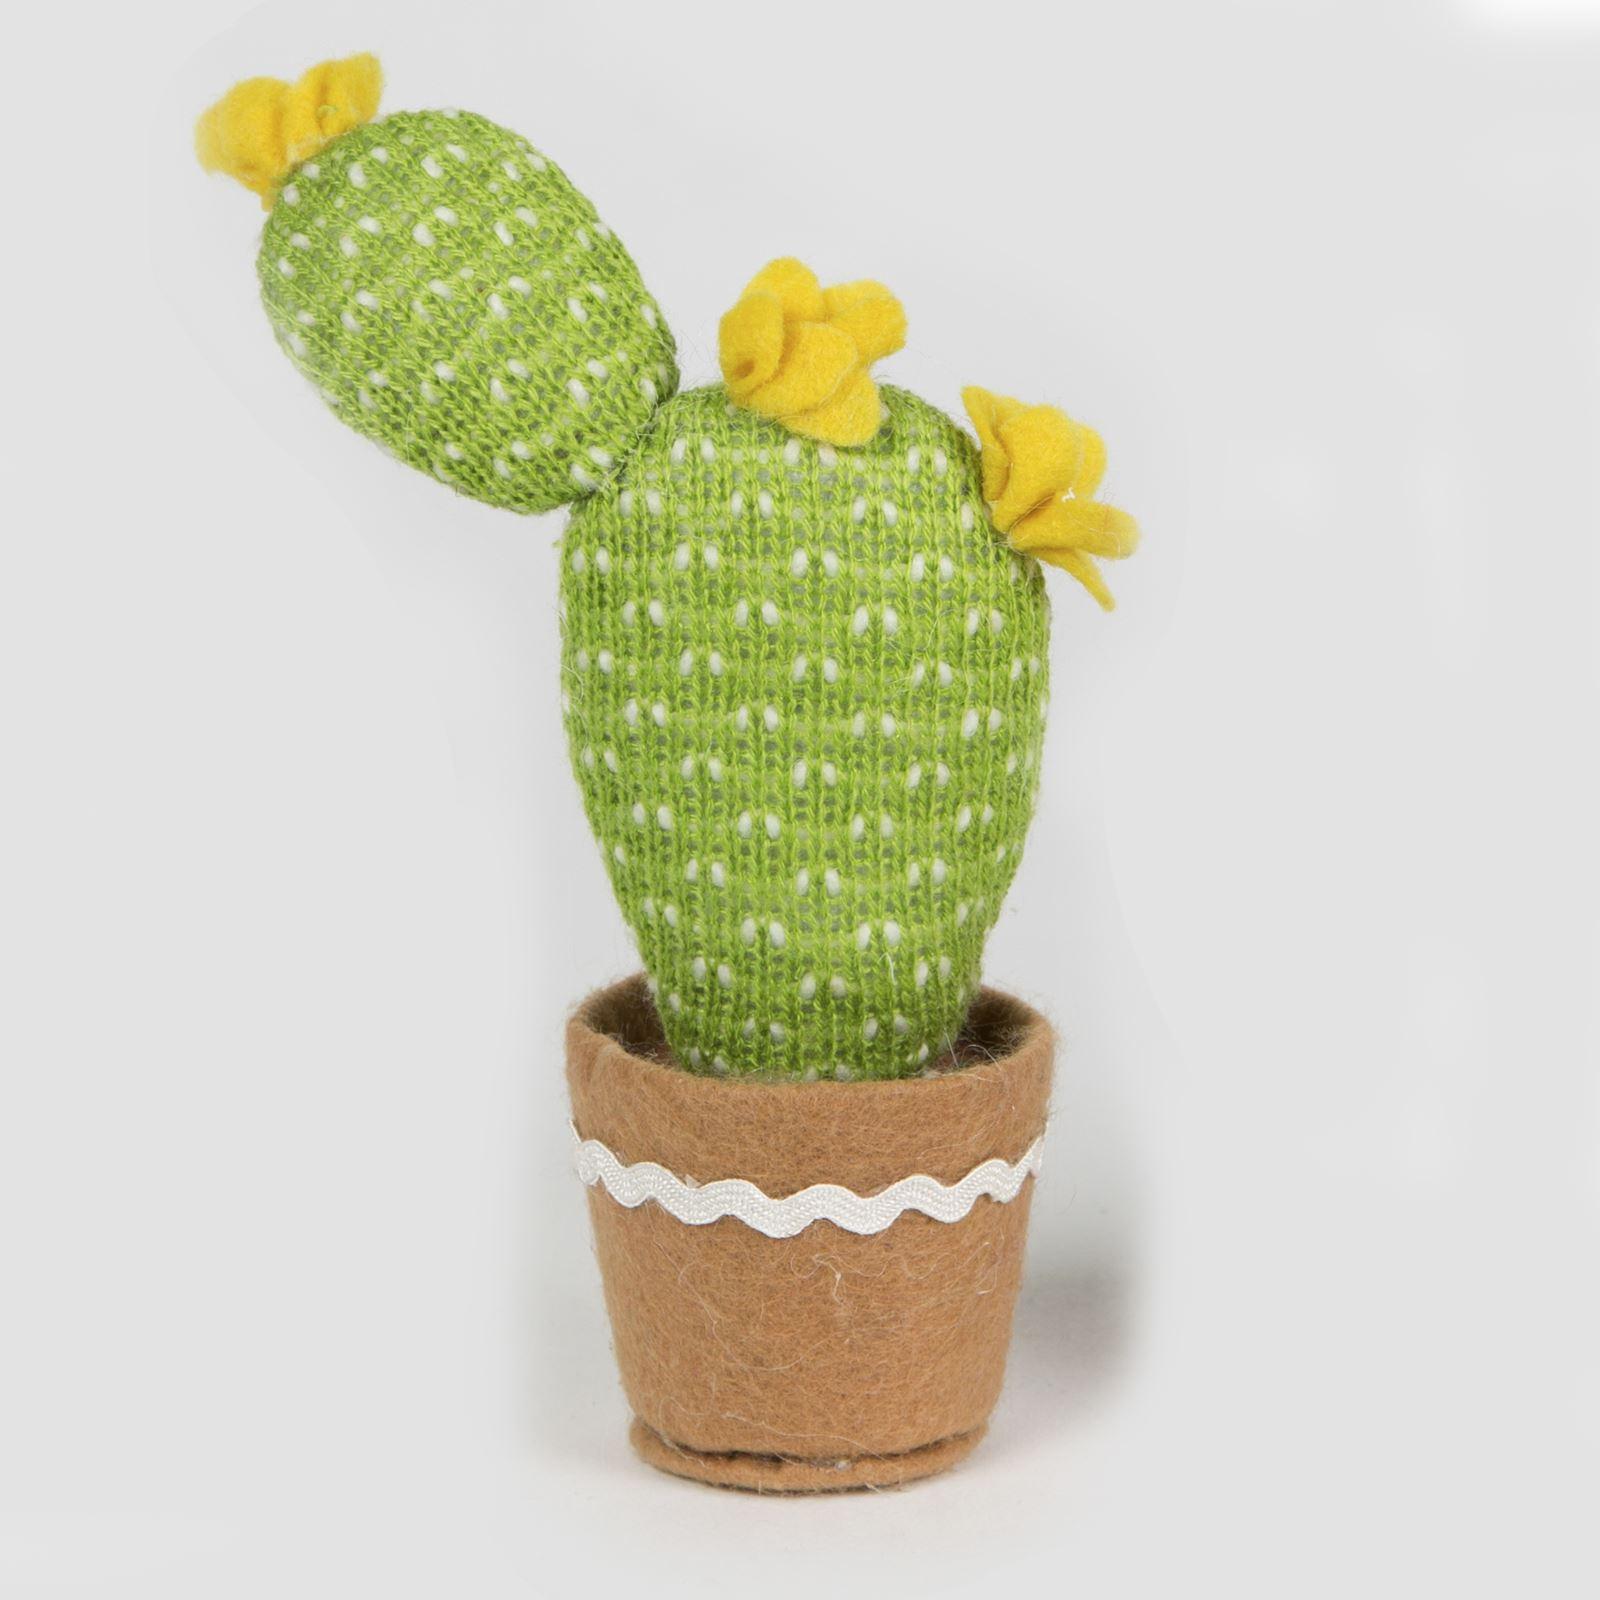 sass belle color cactus tissu tricot faux plante amusant pot d coration ebay. Black Bedroom Furniture Sets. Home Design Ideas